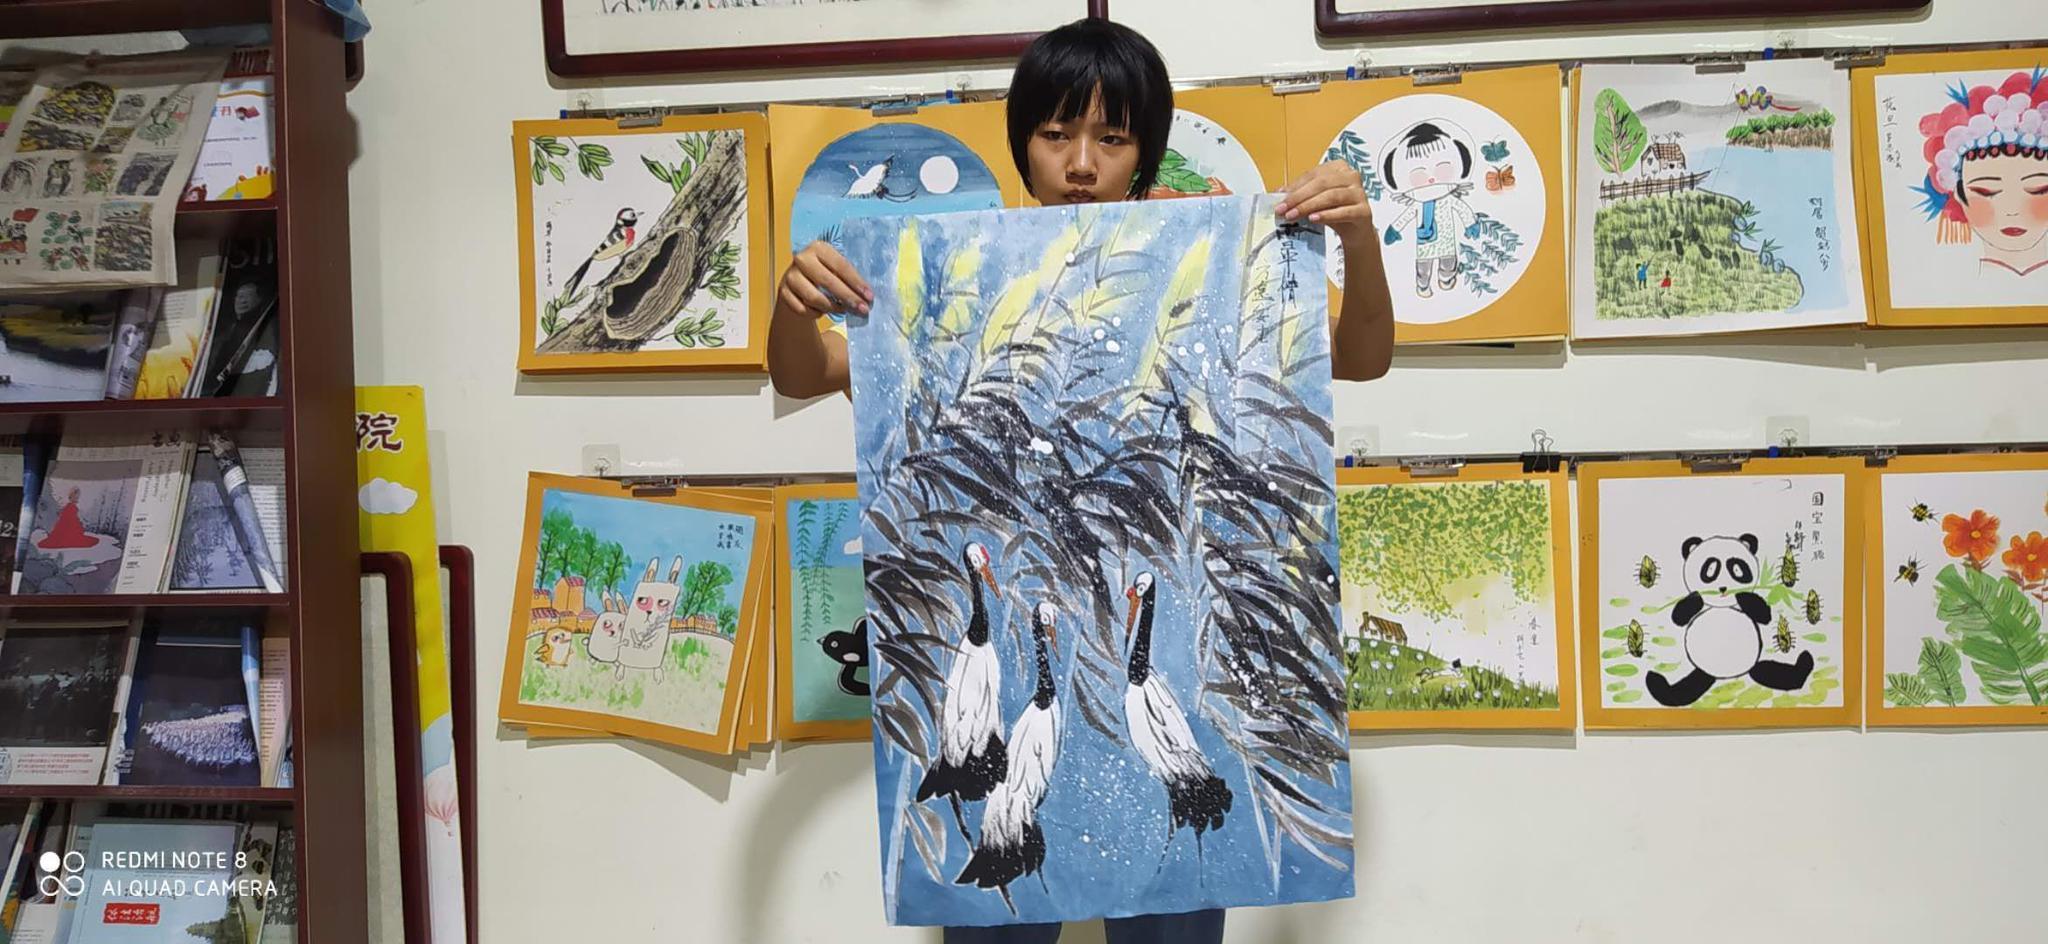 中国画的灵魂就是线条,小学生在学习国画过程中可以通过写生